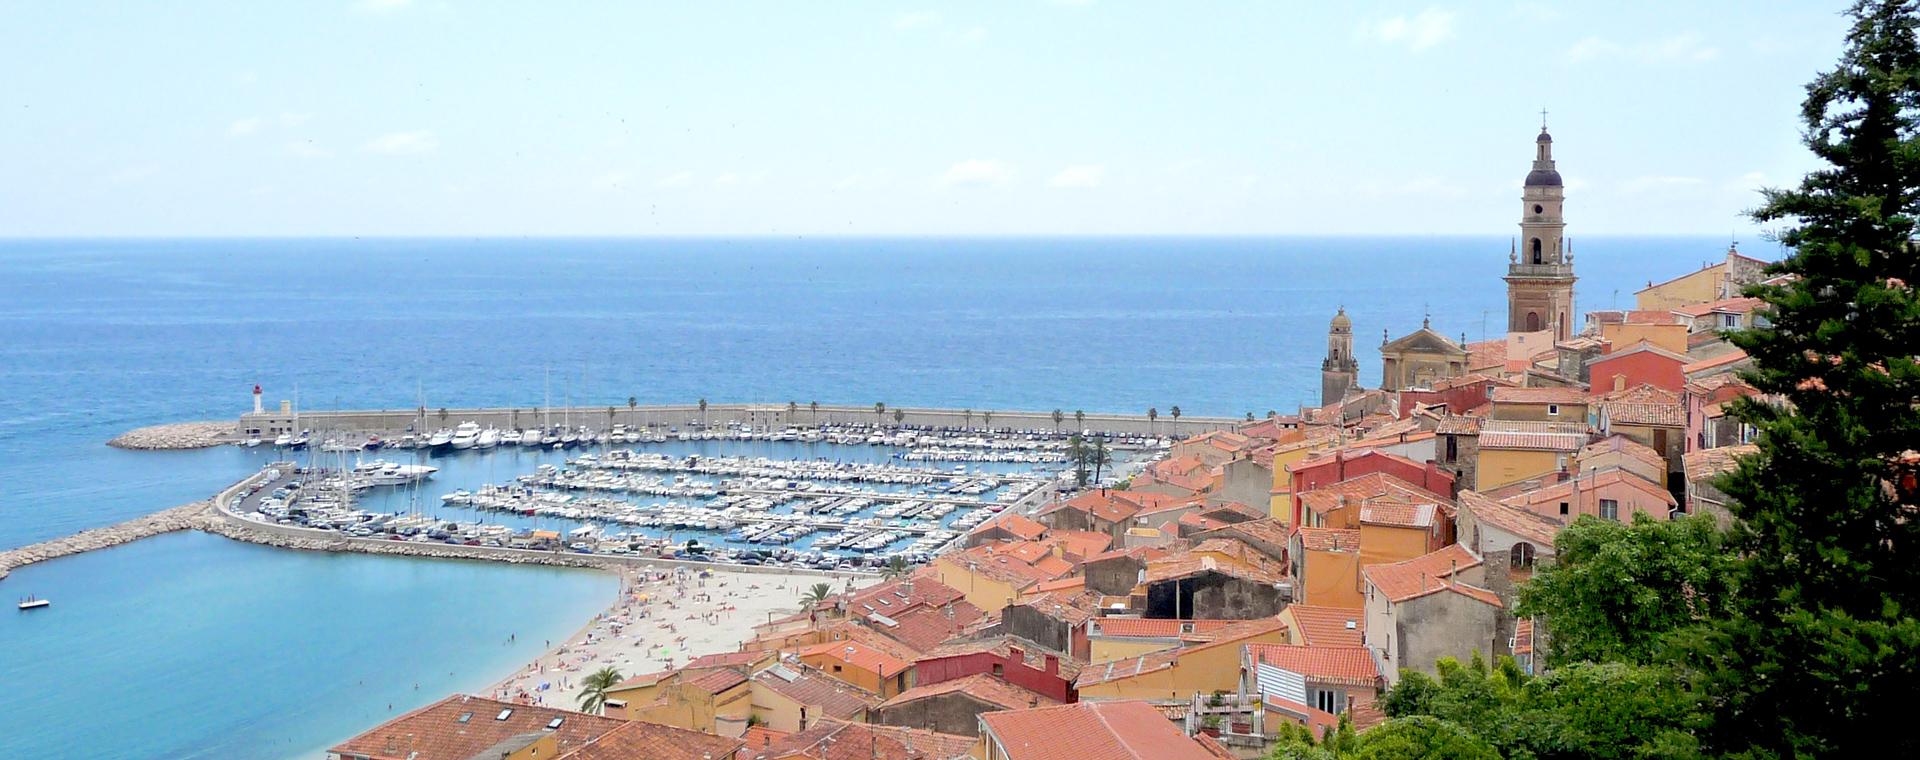 Voyage à pied : De Menton à San Remo, la Riviera Ligure